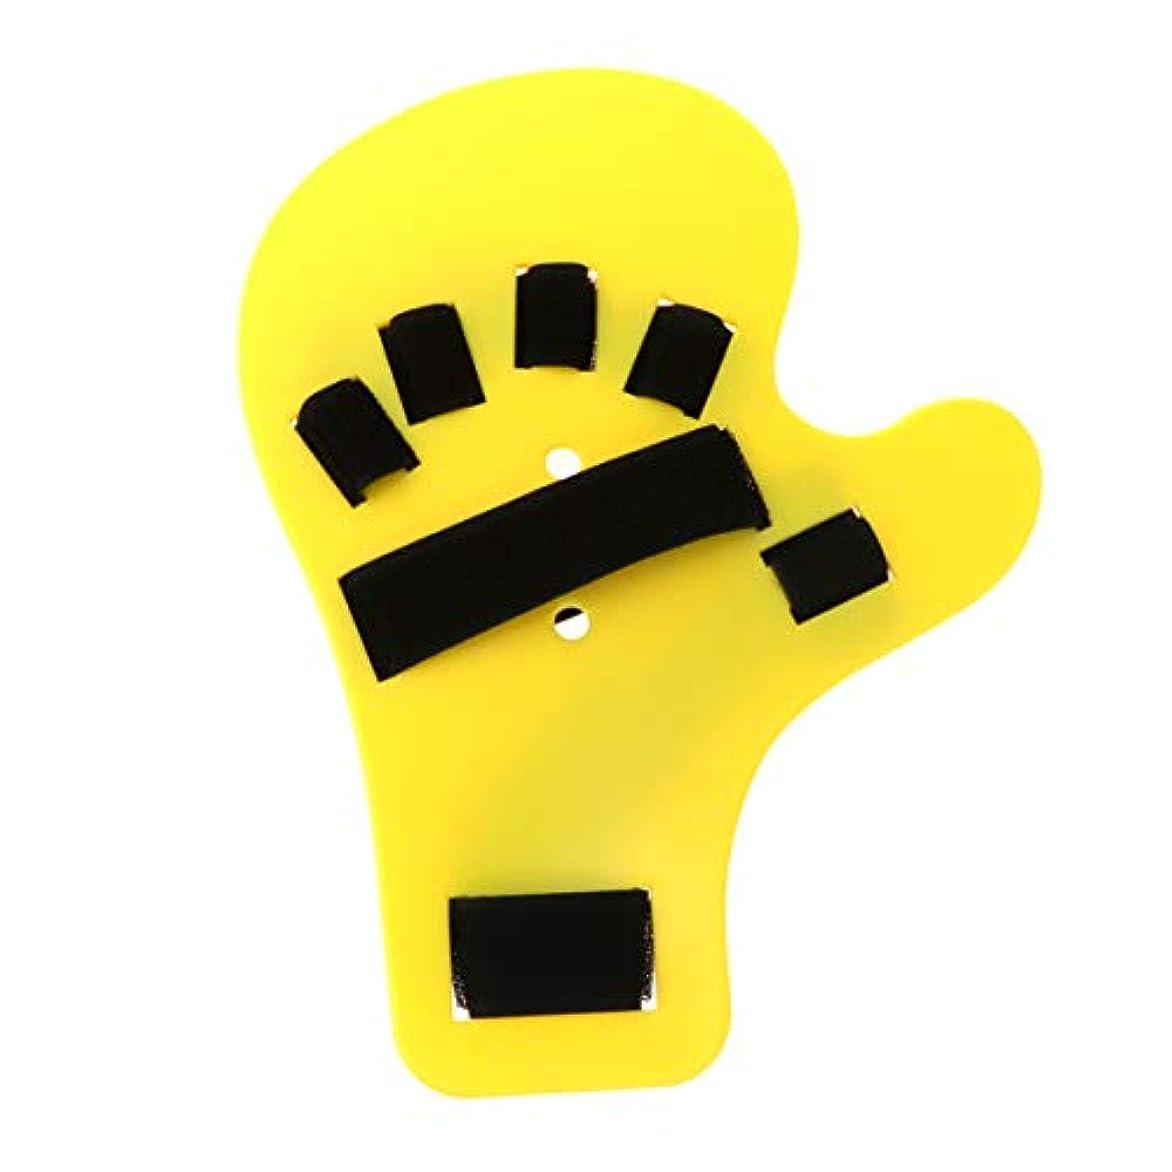 大統領徹底オーロックSUPVOX 指装具指板ストロークハンドスプリントトレーニングサポートハンド手首トレーニング右手用装具デバイス